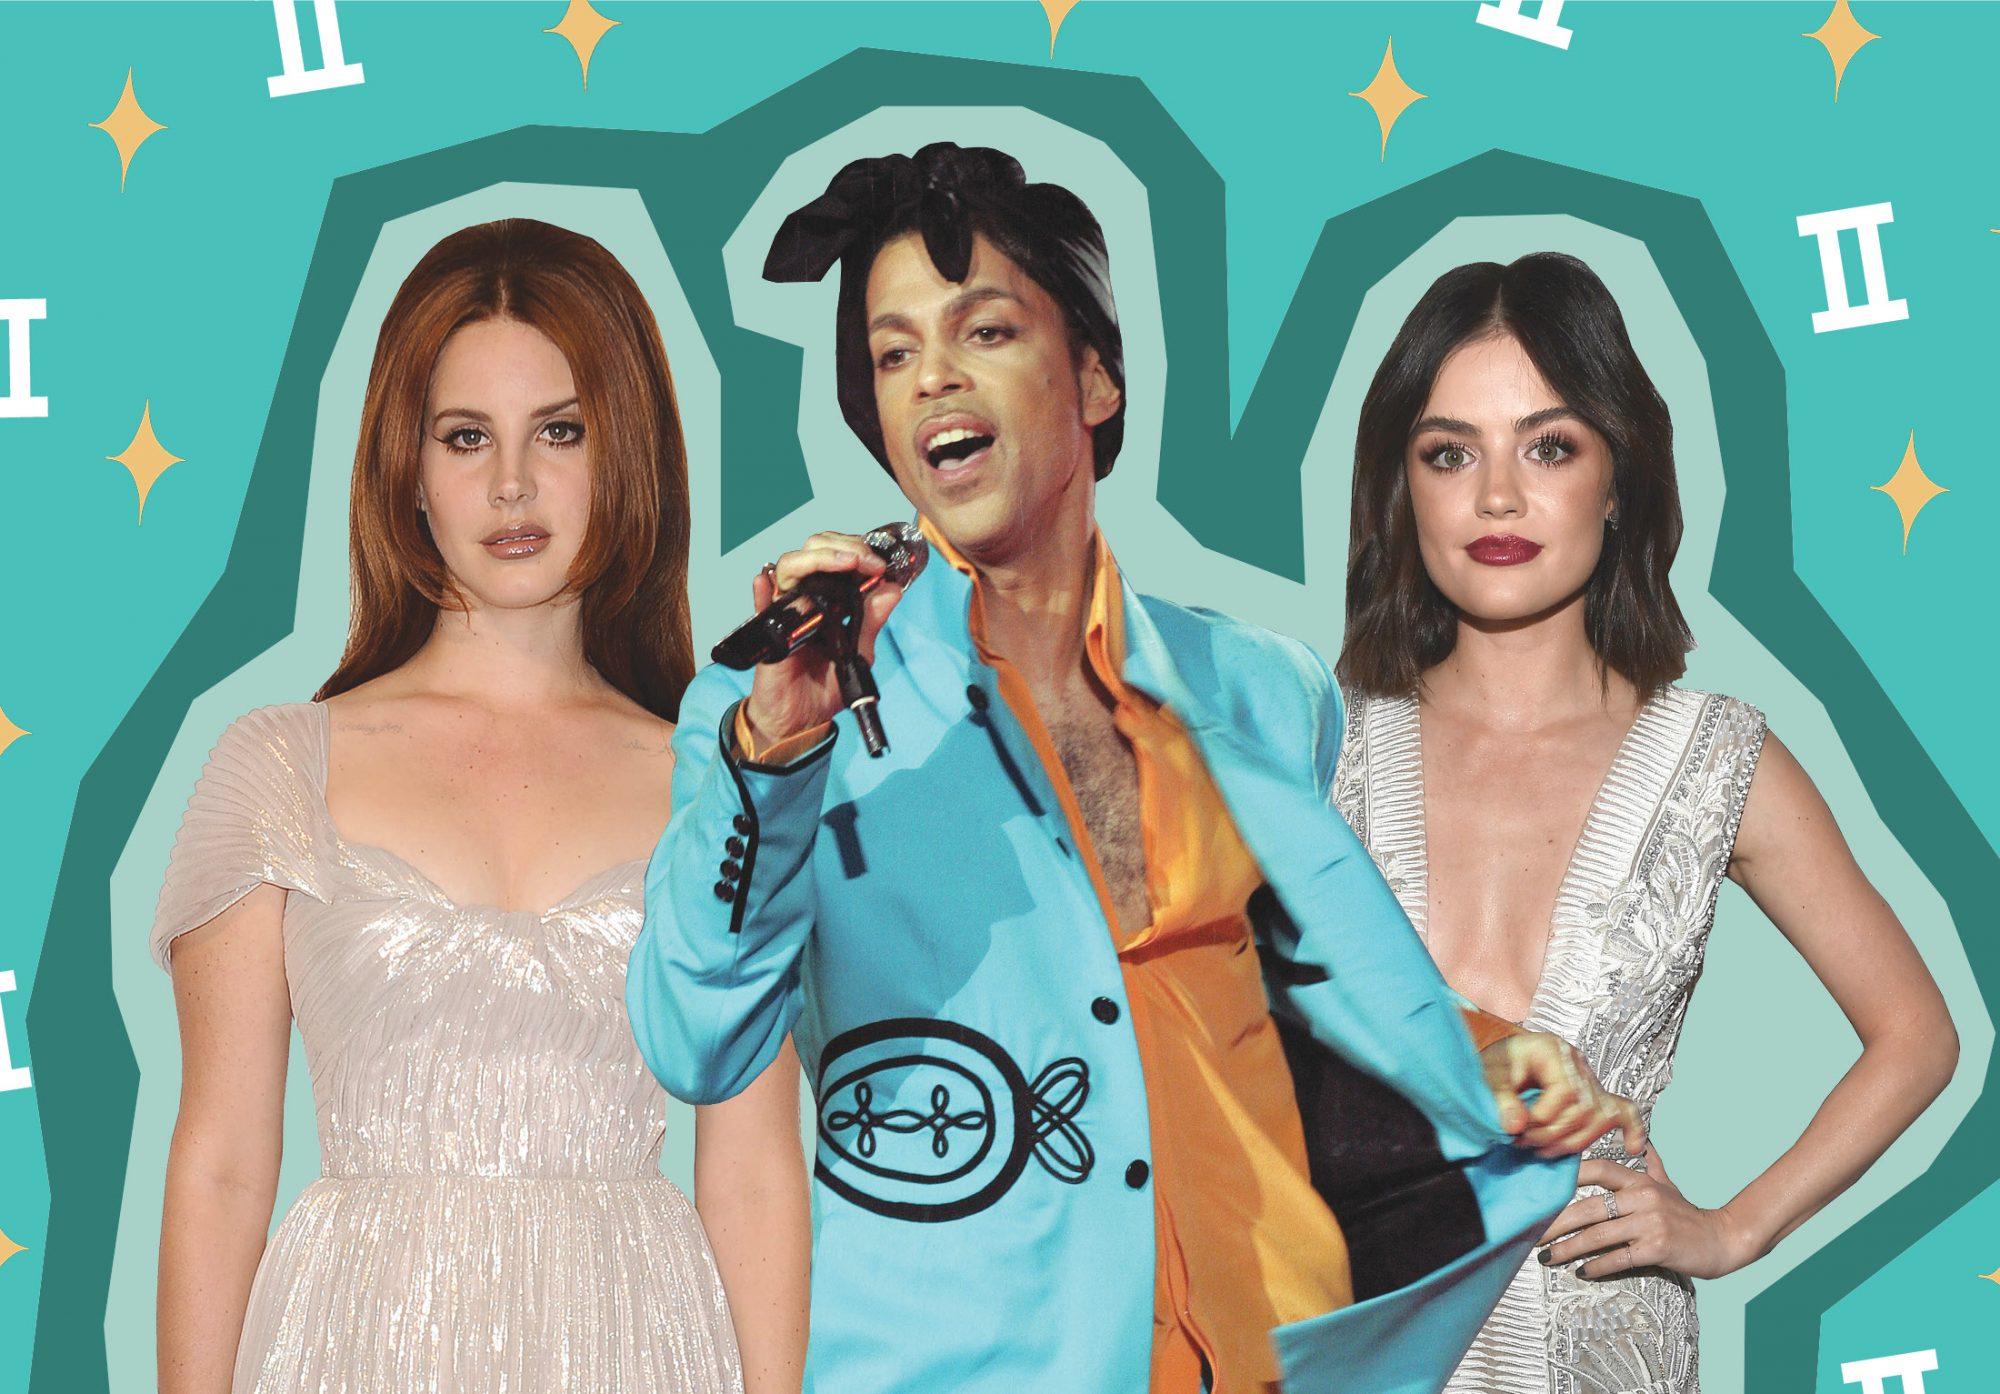 Gemini zodiac sign celebrities